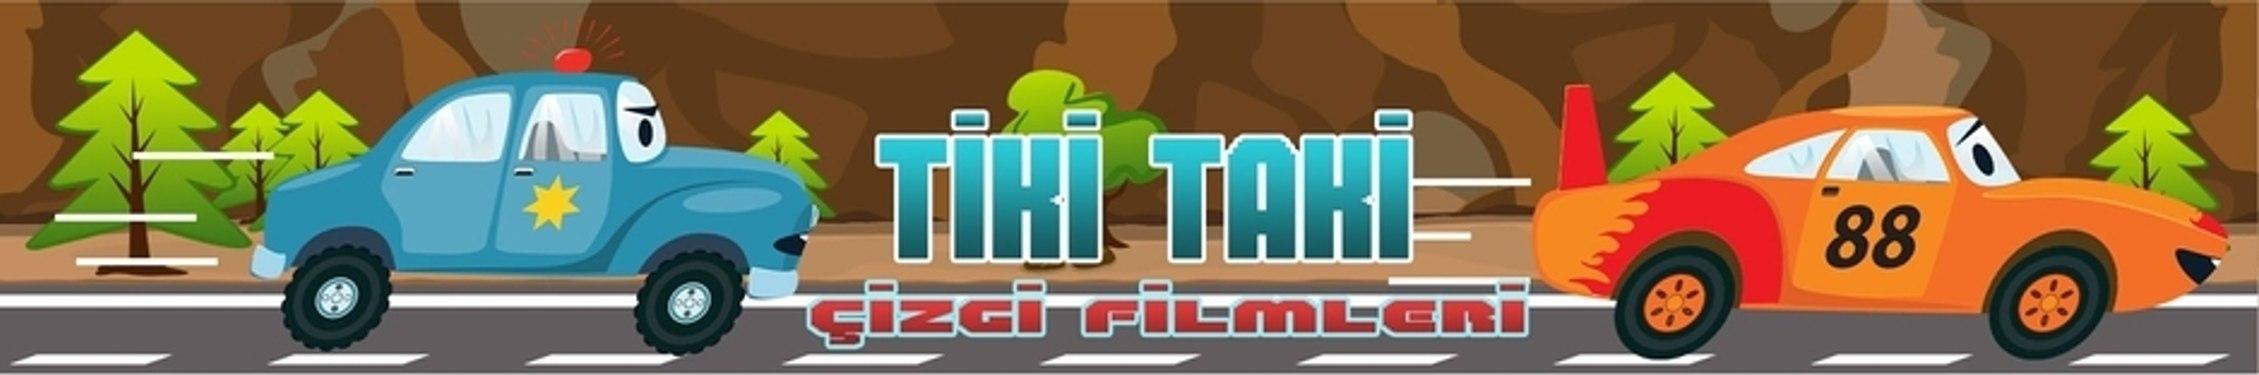 Tiki Taki Cizgi Filmleri